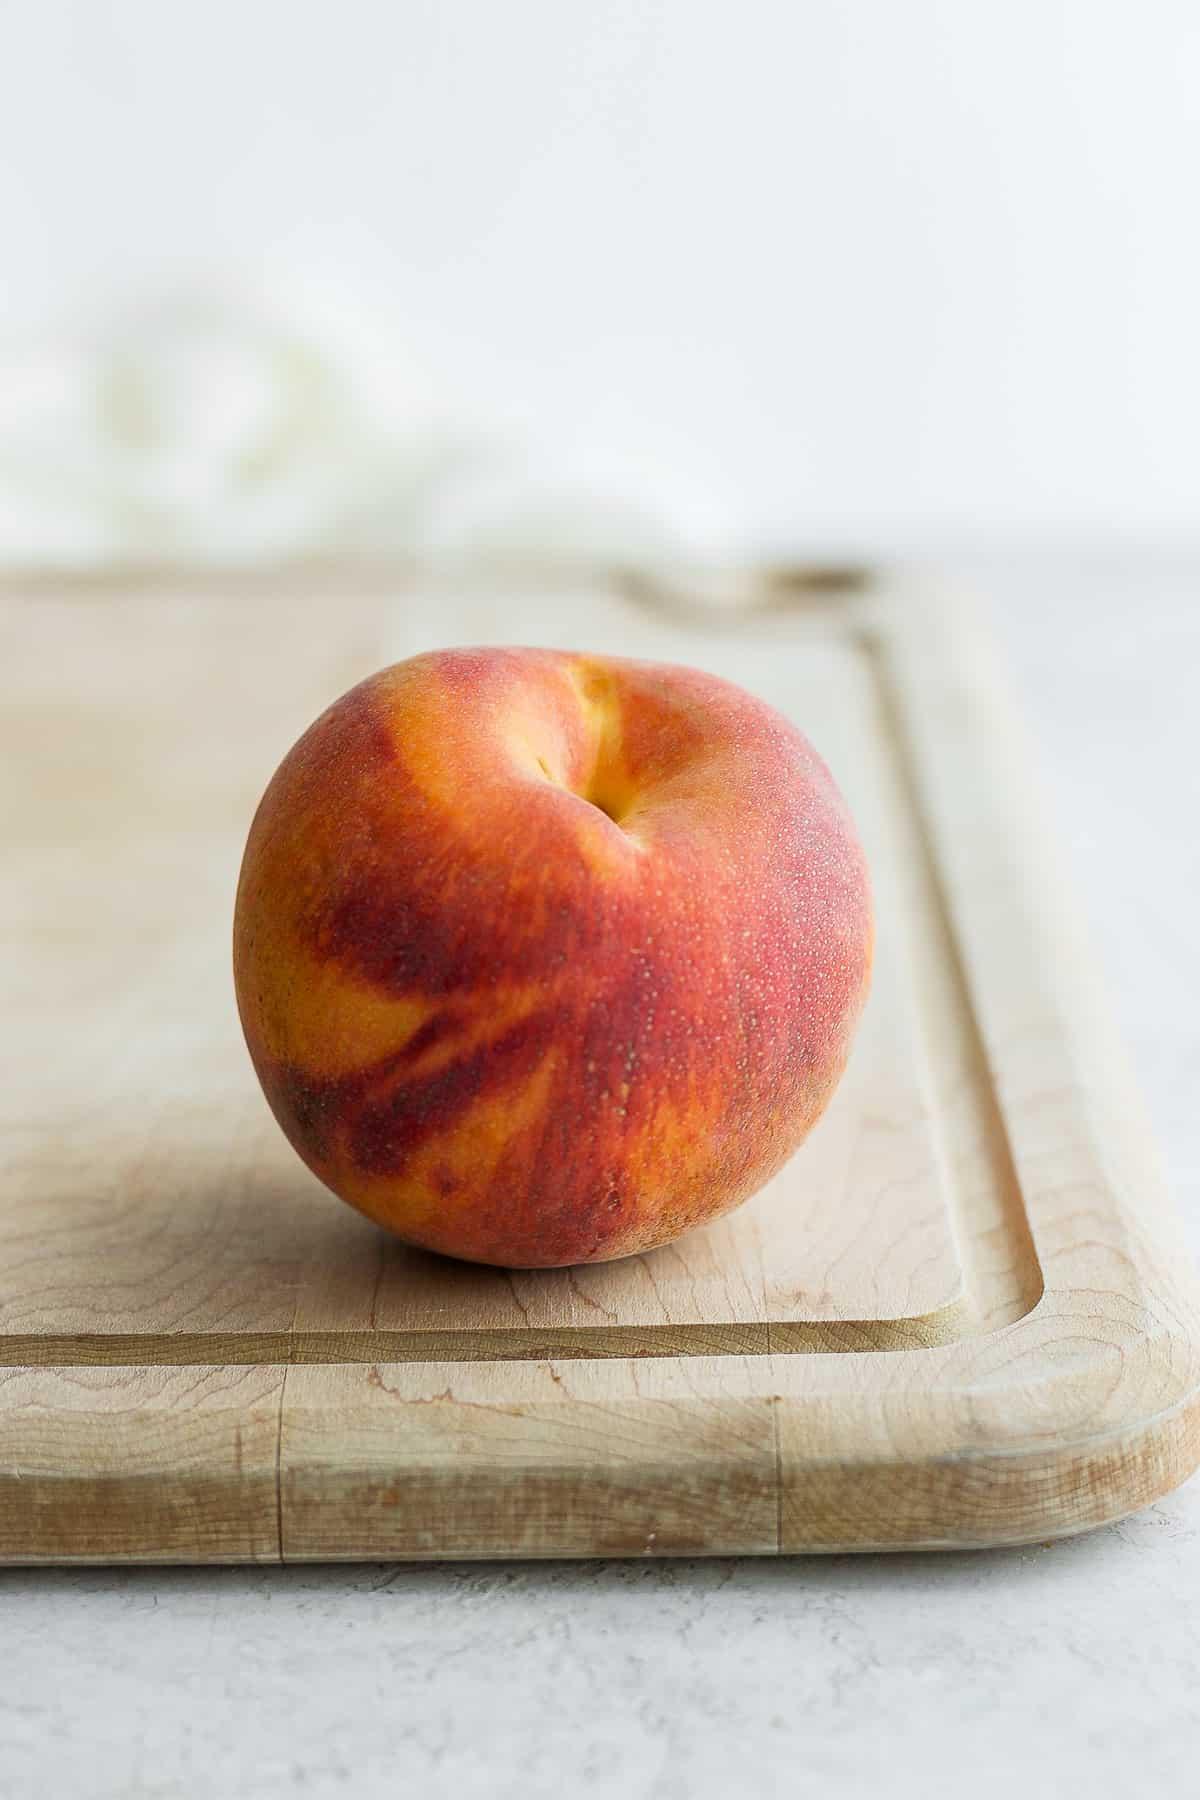 One ripe peach sitting on cutting board